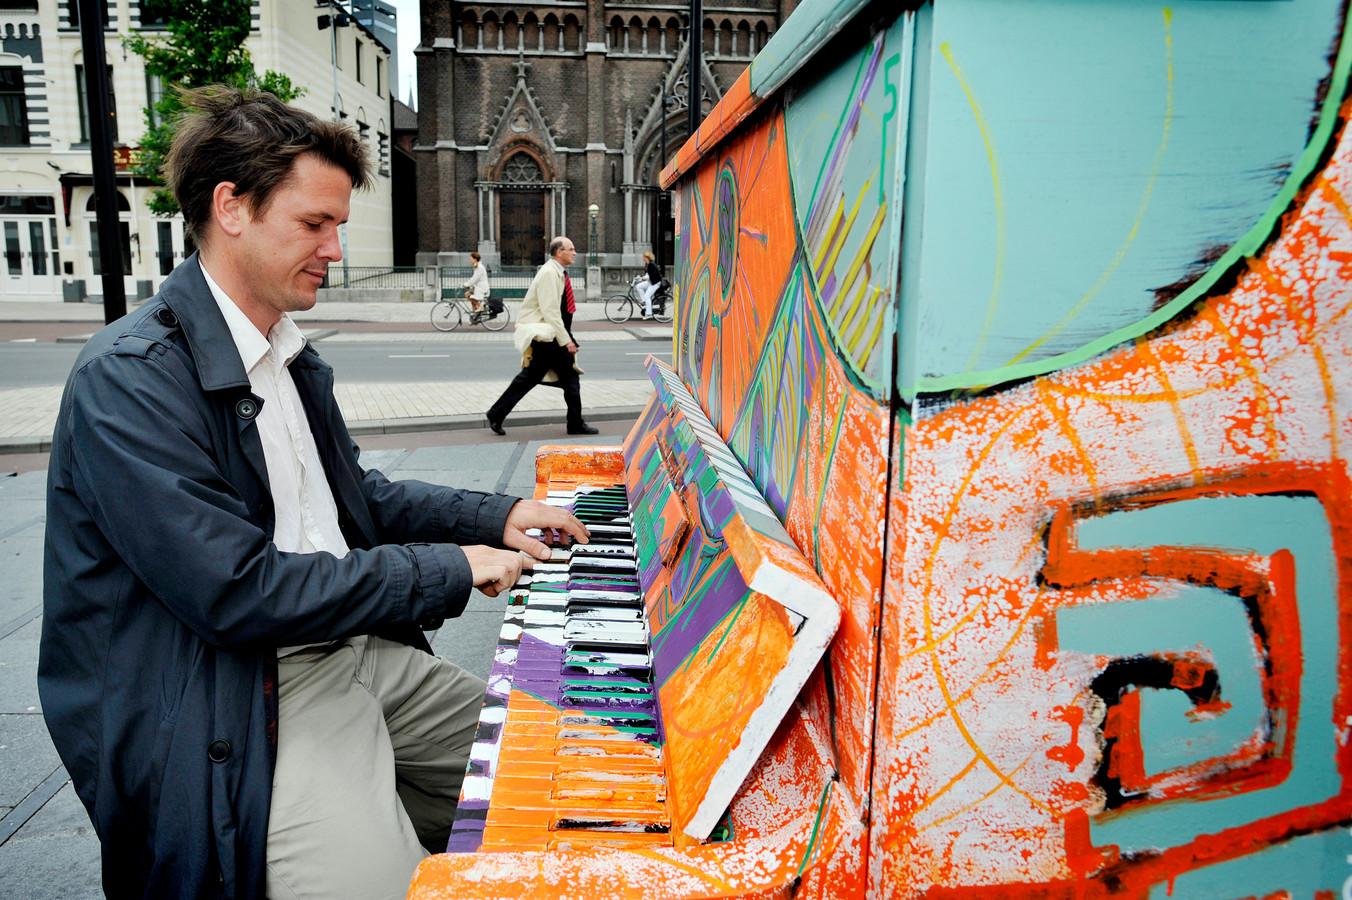 Met Play me I'm yours, tijdens Incubate in 2011, stonden meer dan honderd piano's in de binnenstad. Het was een project van kunstenaar Luke Jerram (foto). Veel Tilburgers kropen die week achter de piano's.